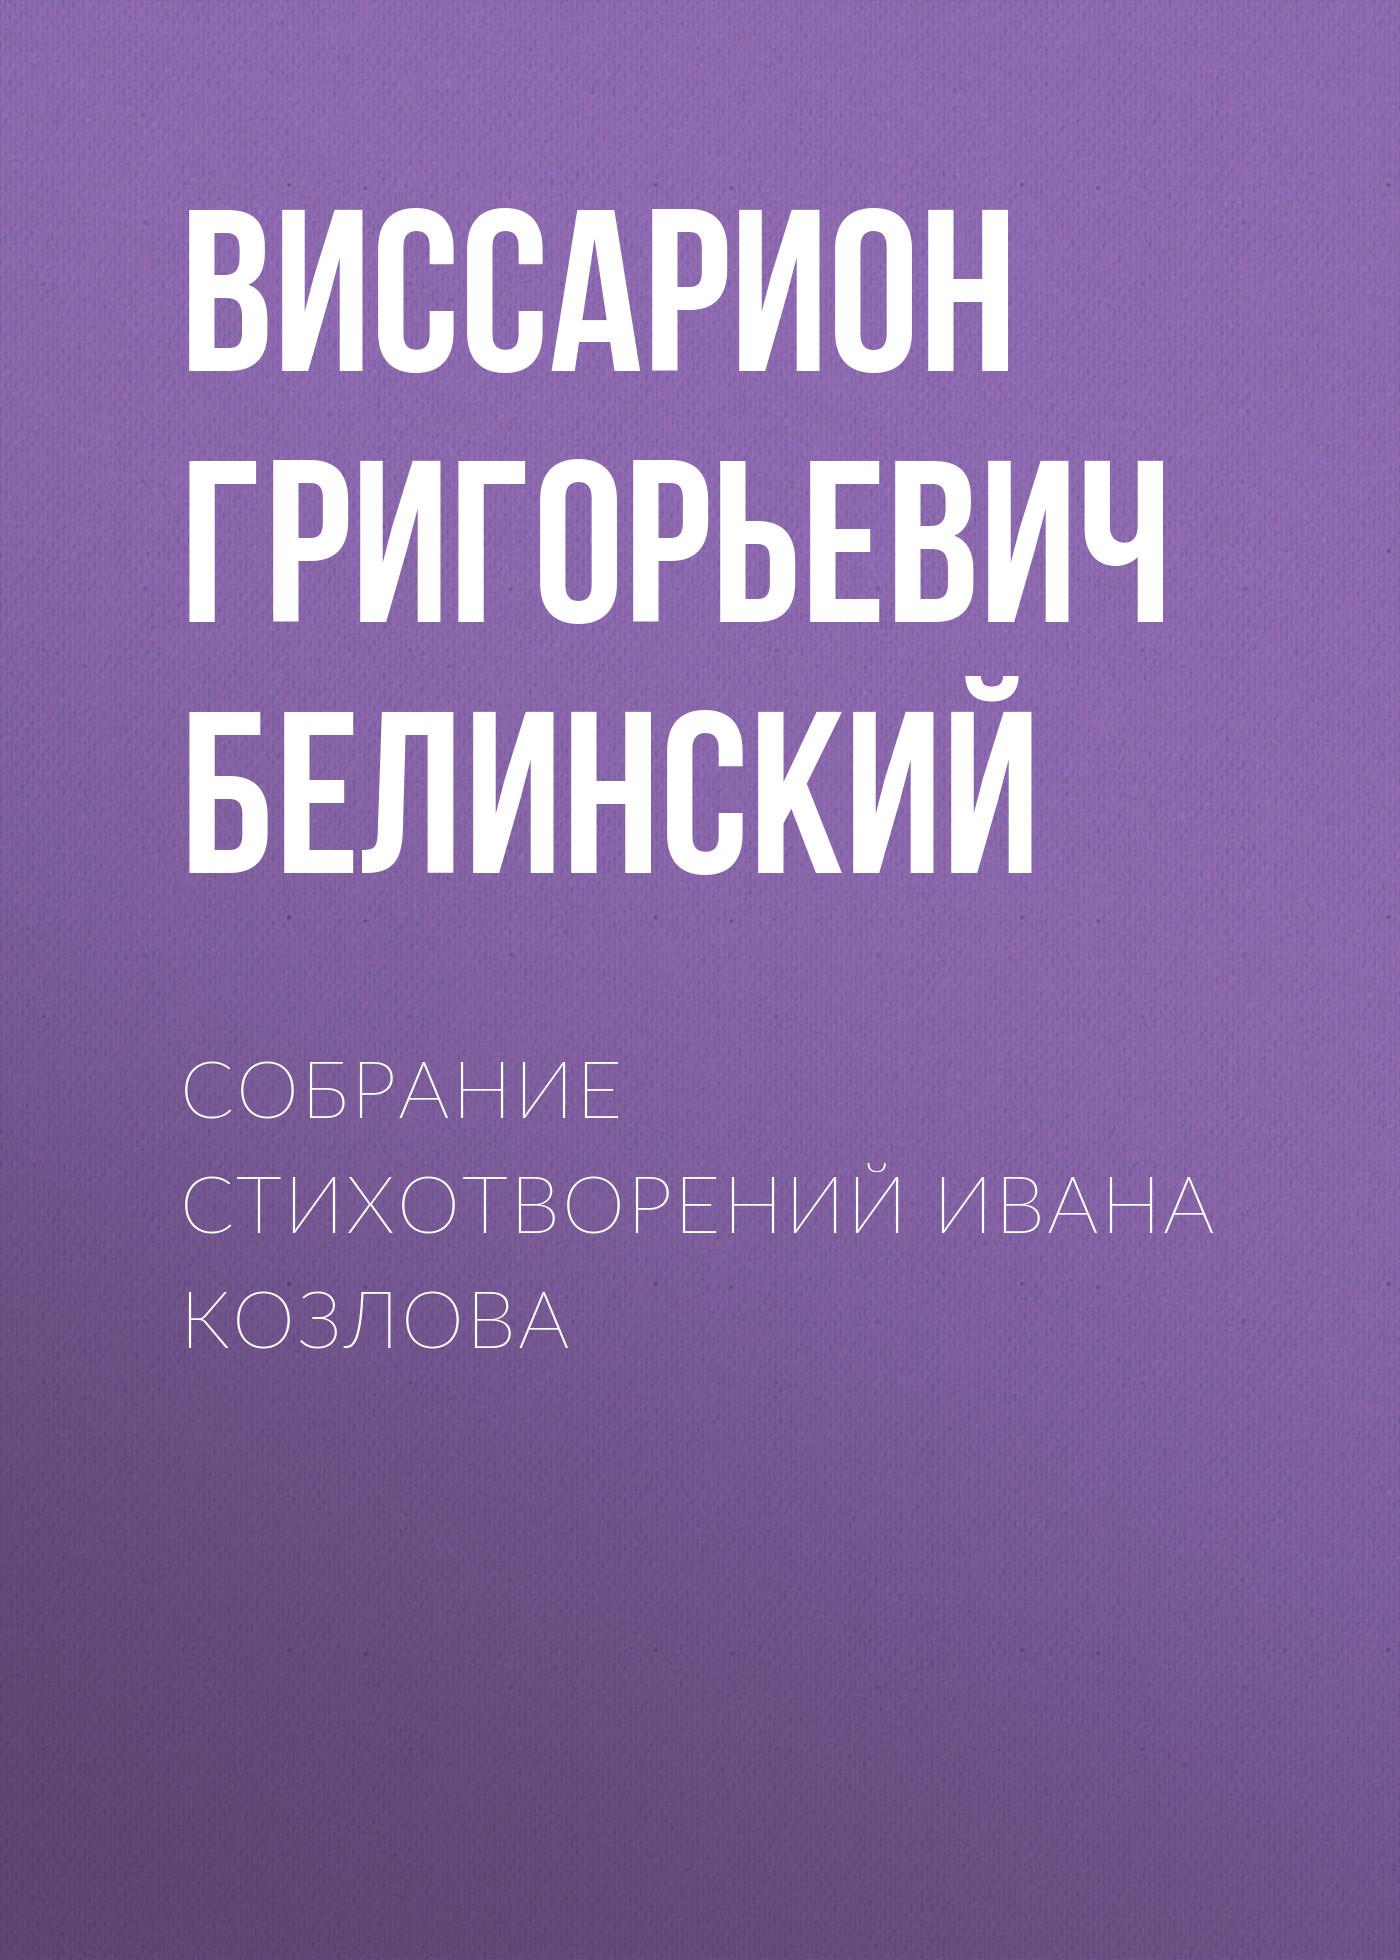 Собрание стихотворений Ивана Козлова